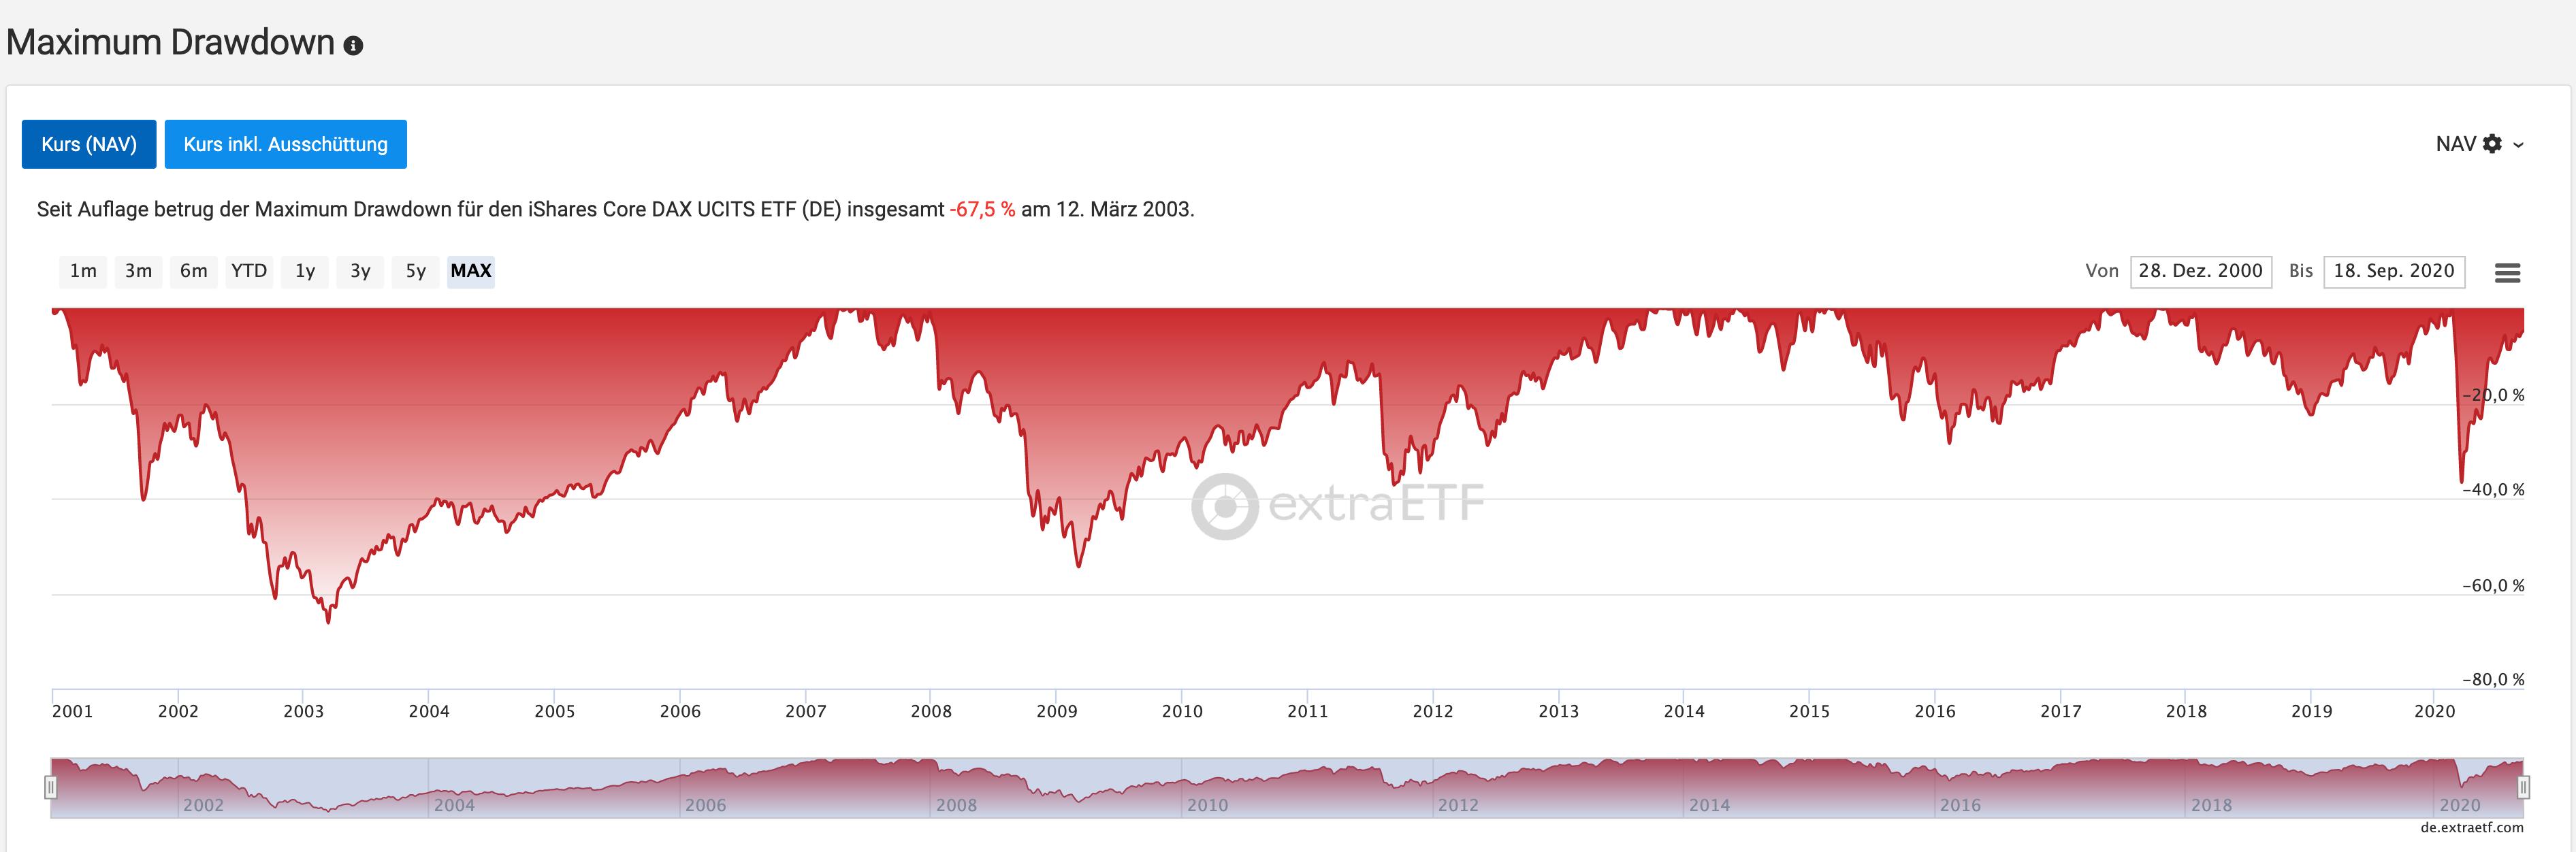 Timing ist durchaus wichtig an der Börse: Das lässt sich am Maximum Drawdown des Dax ablesen.